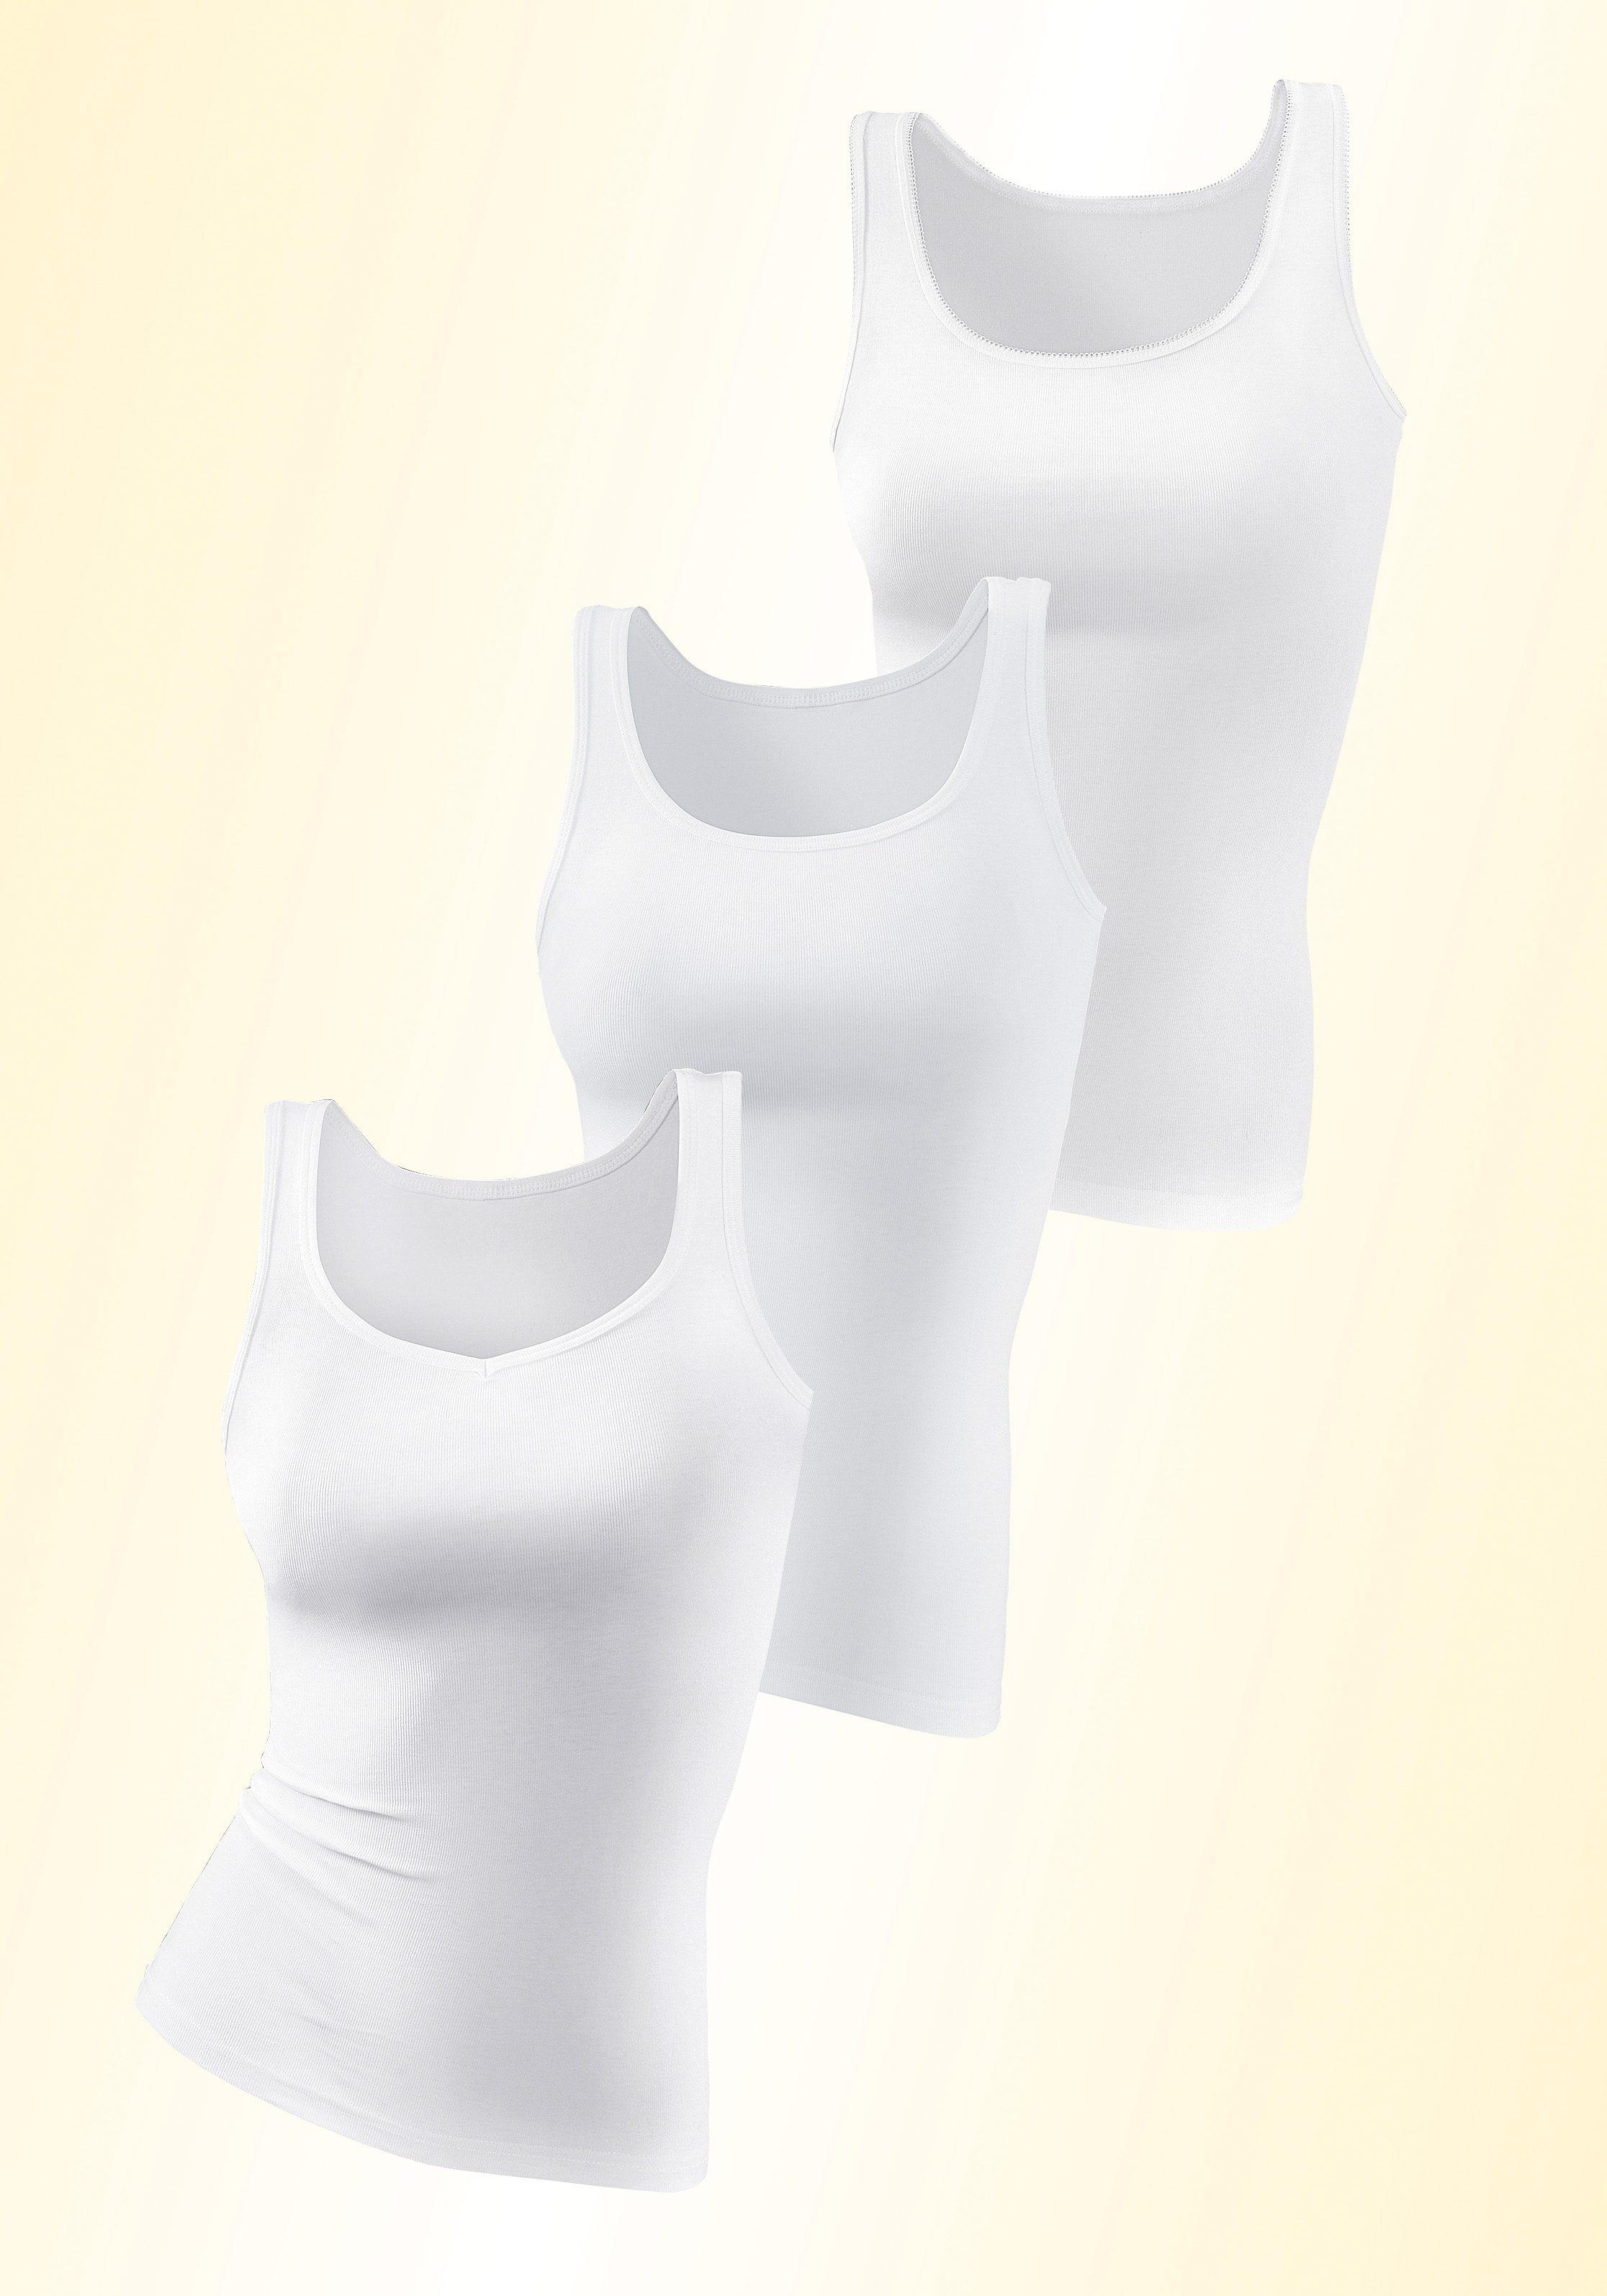 Petite Fleur Baumwoll- Hemden (6 Stück)